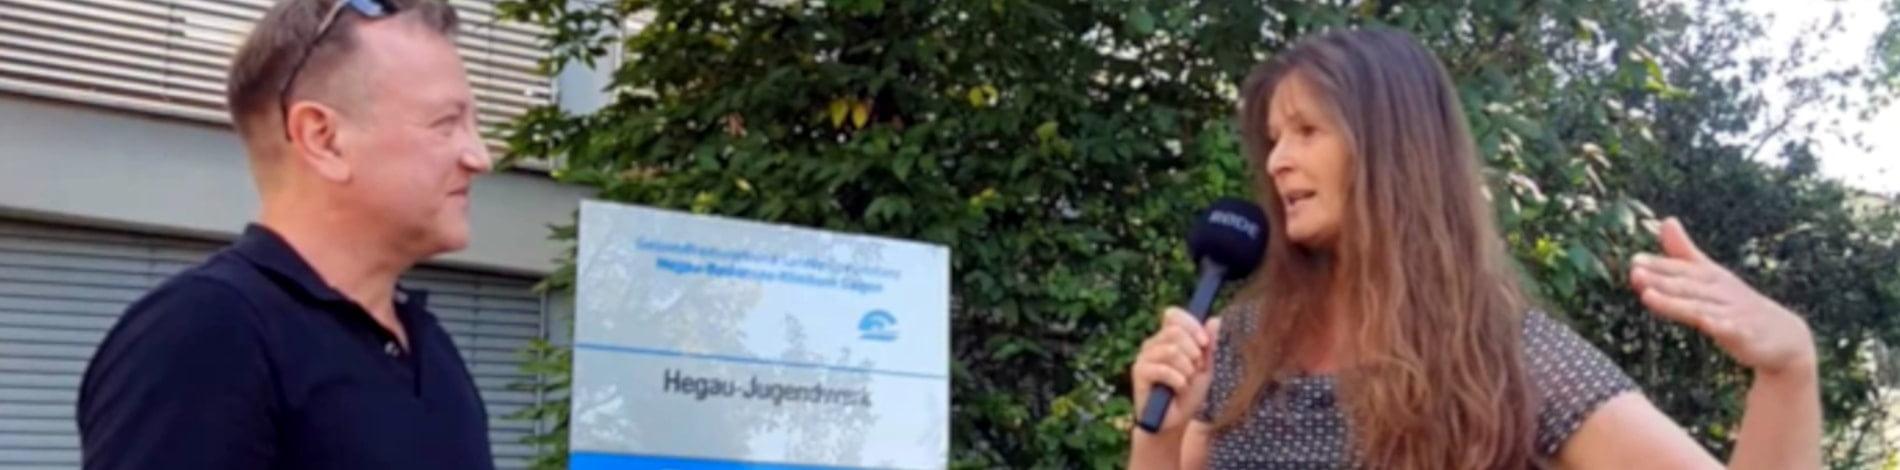 Live Reporter Holger Hagenlocher vom Redaktionsbüro Hagenlocher bei einem Interview